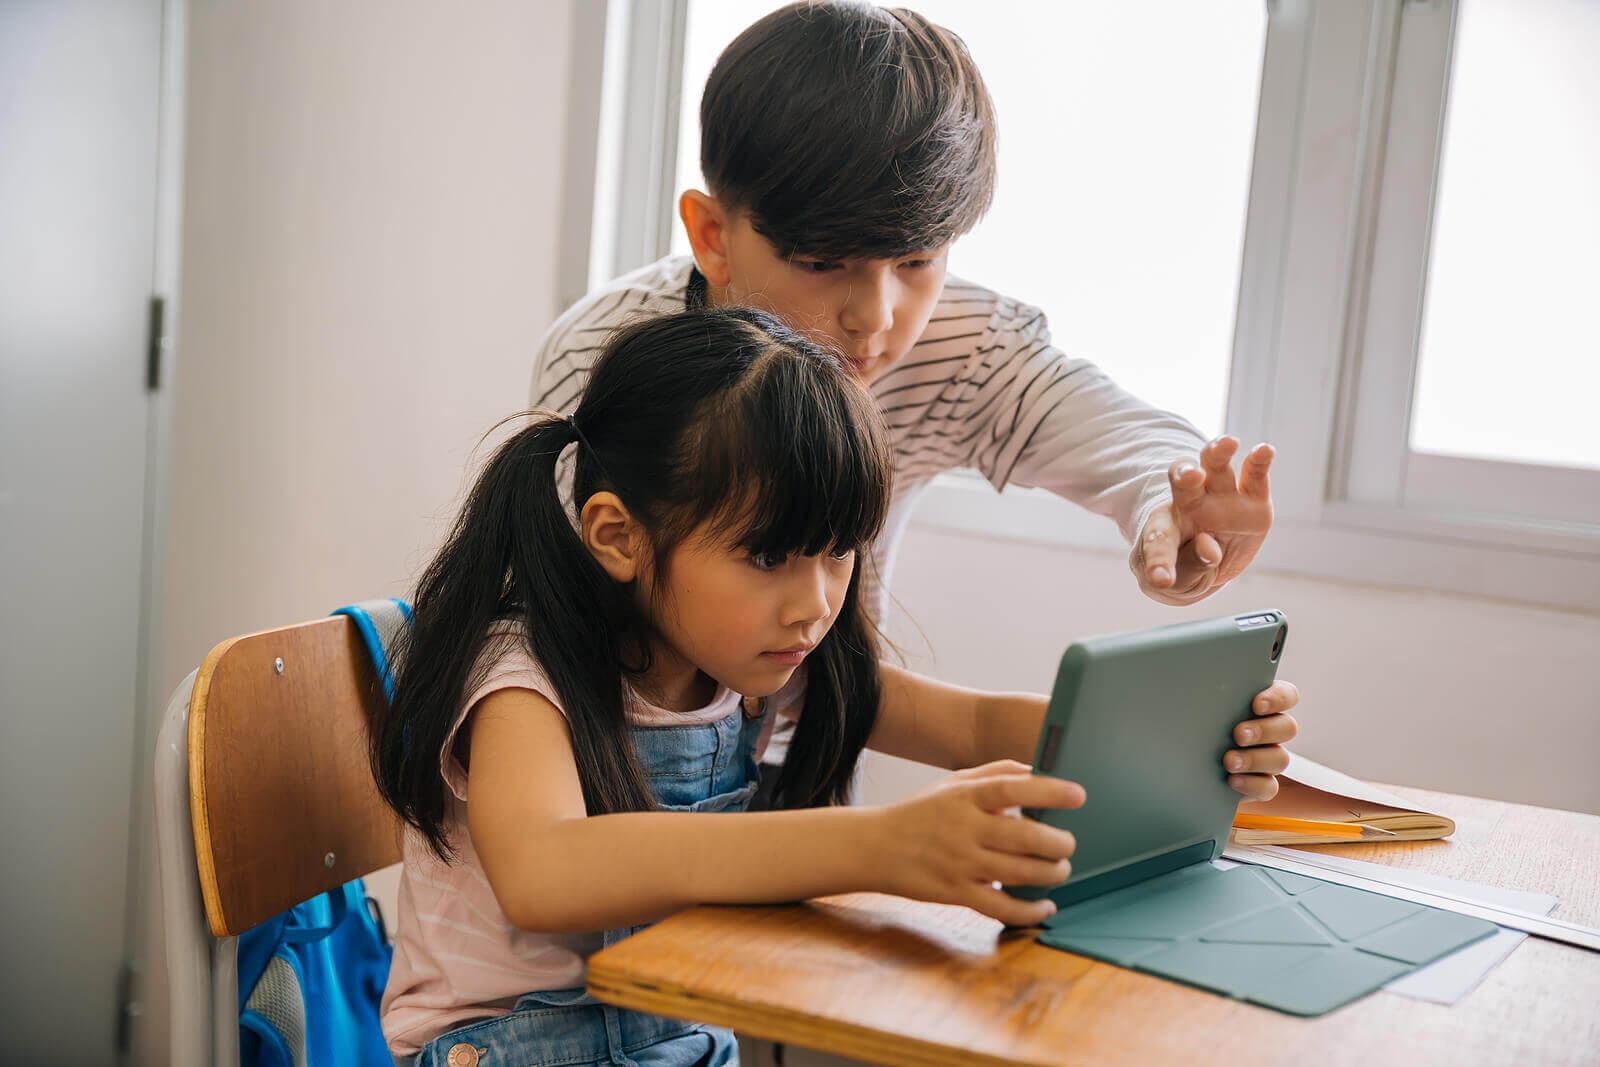 Nativos digitais: tudo o que você precisa saber sobre eles